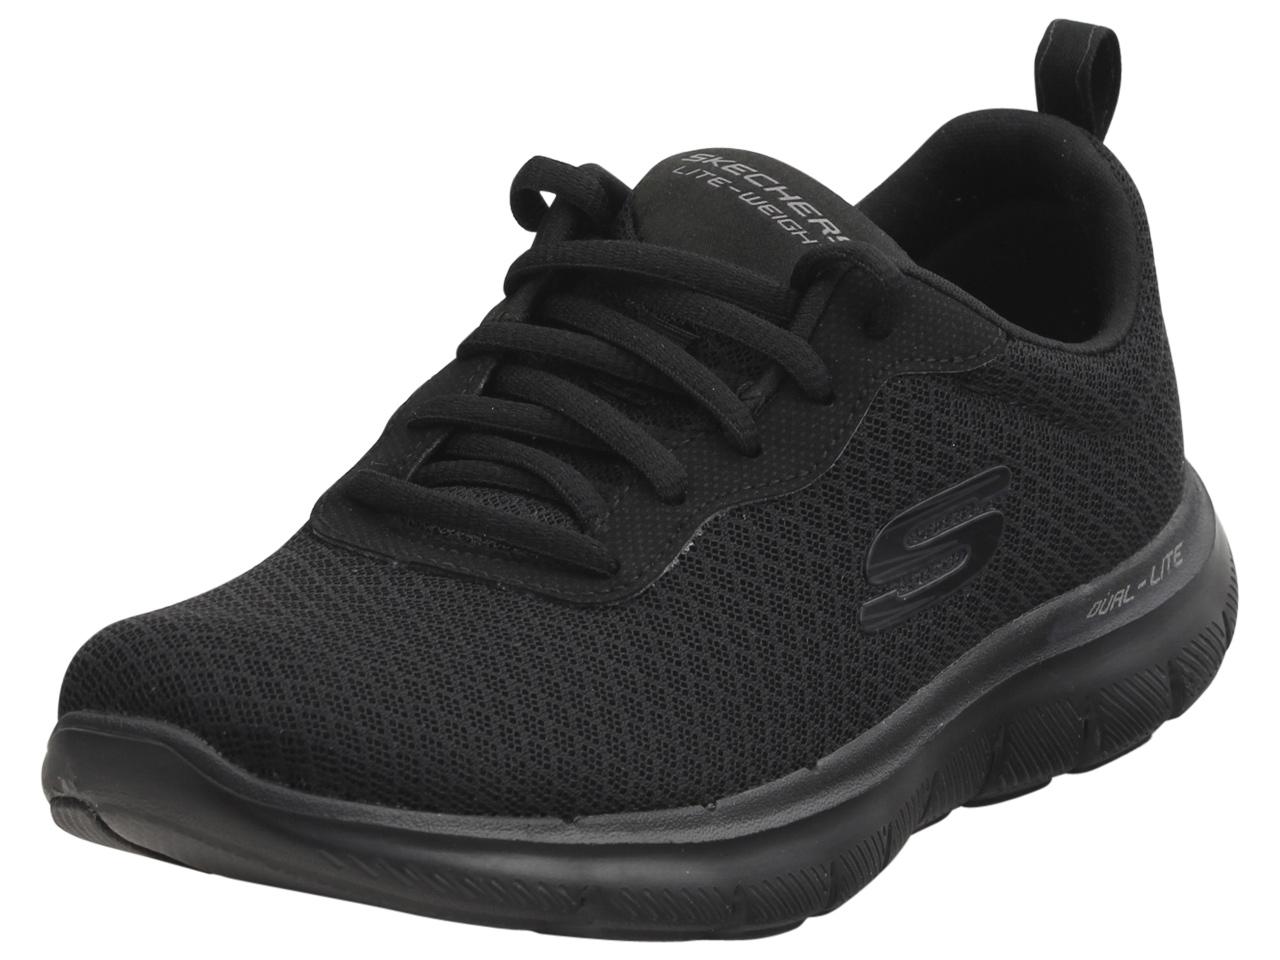 Details about Shoes Flex Appeal 2.0 Newsmaker Skechers Black Women 12775 BBK